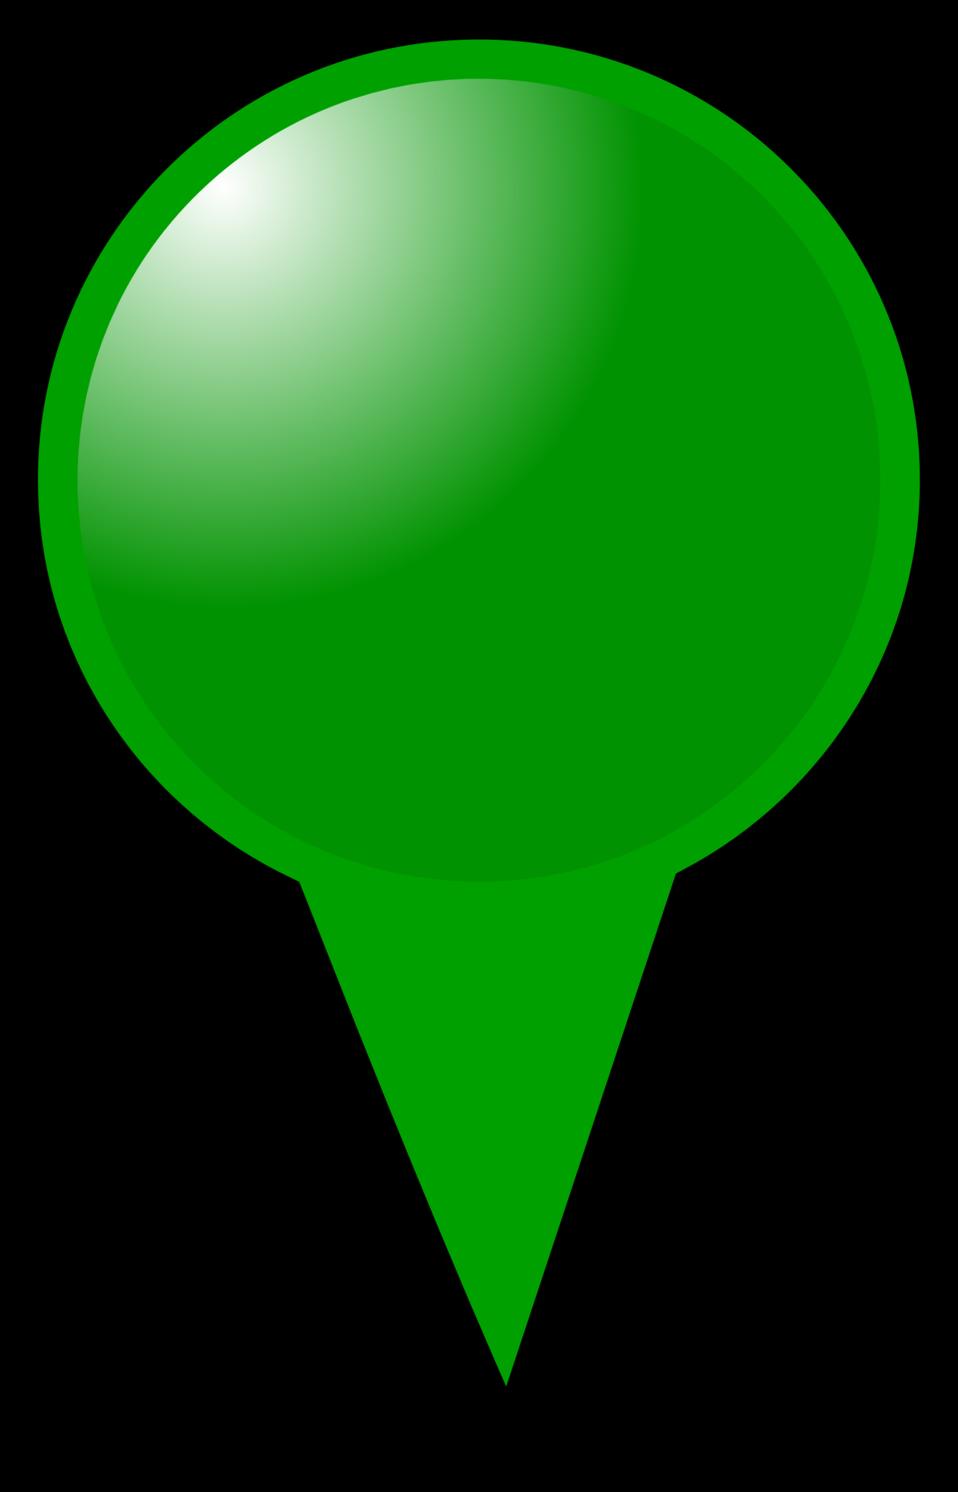 clipart map public domain